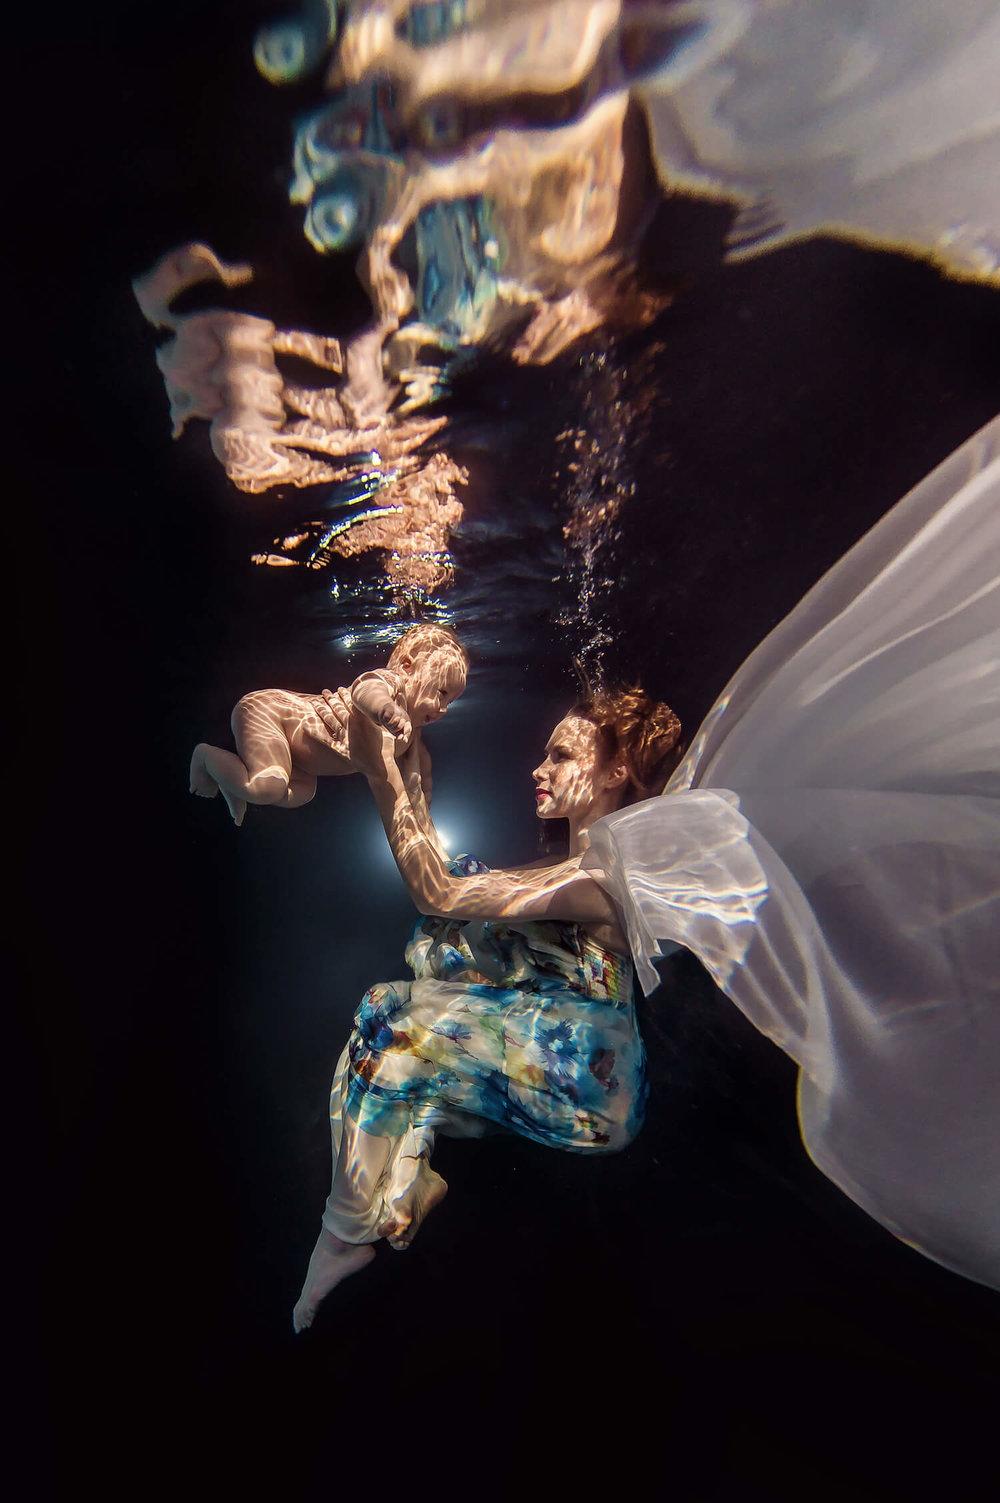 Ilse Moore underwater baby mom_003.jpg